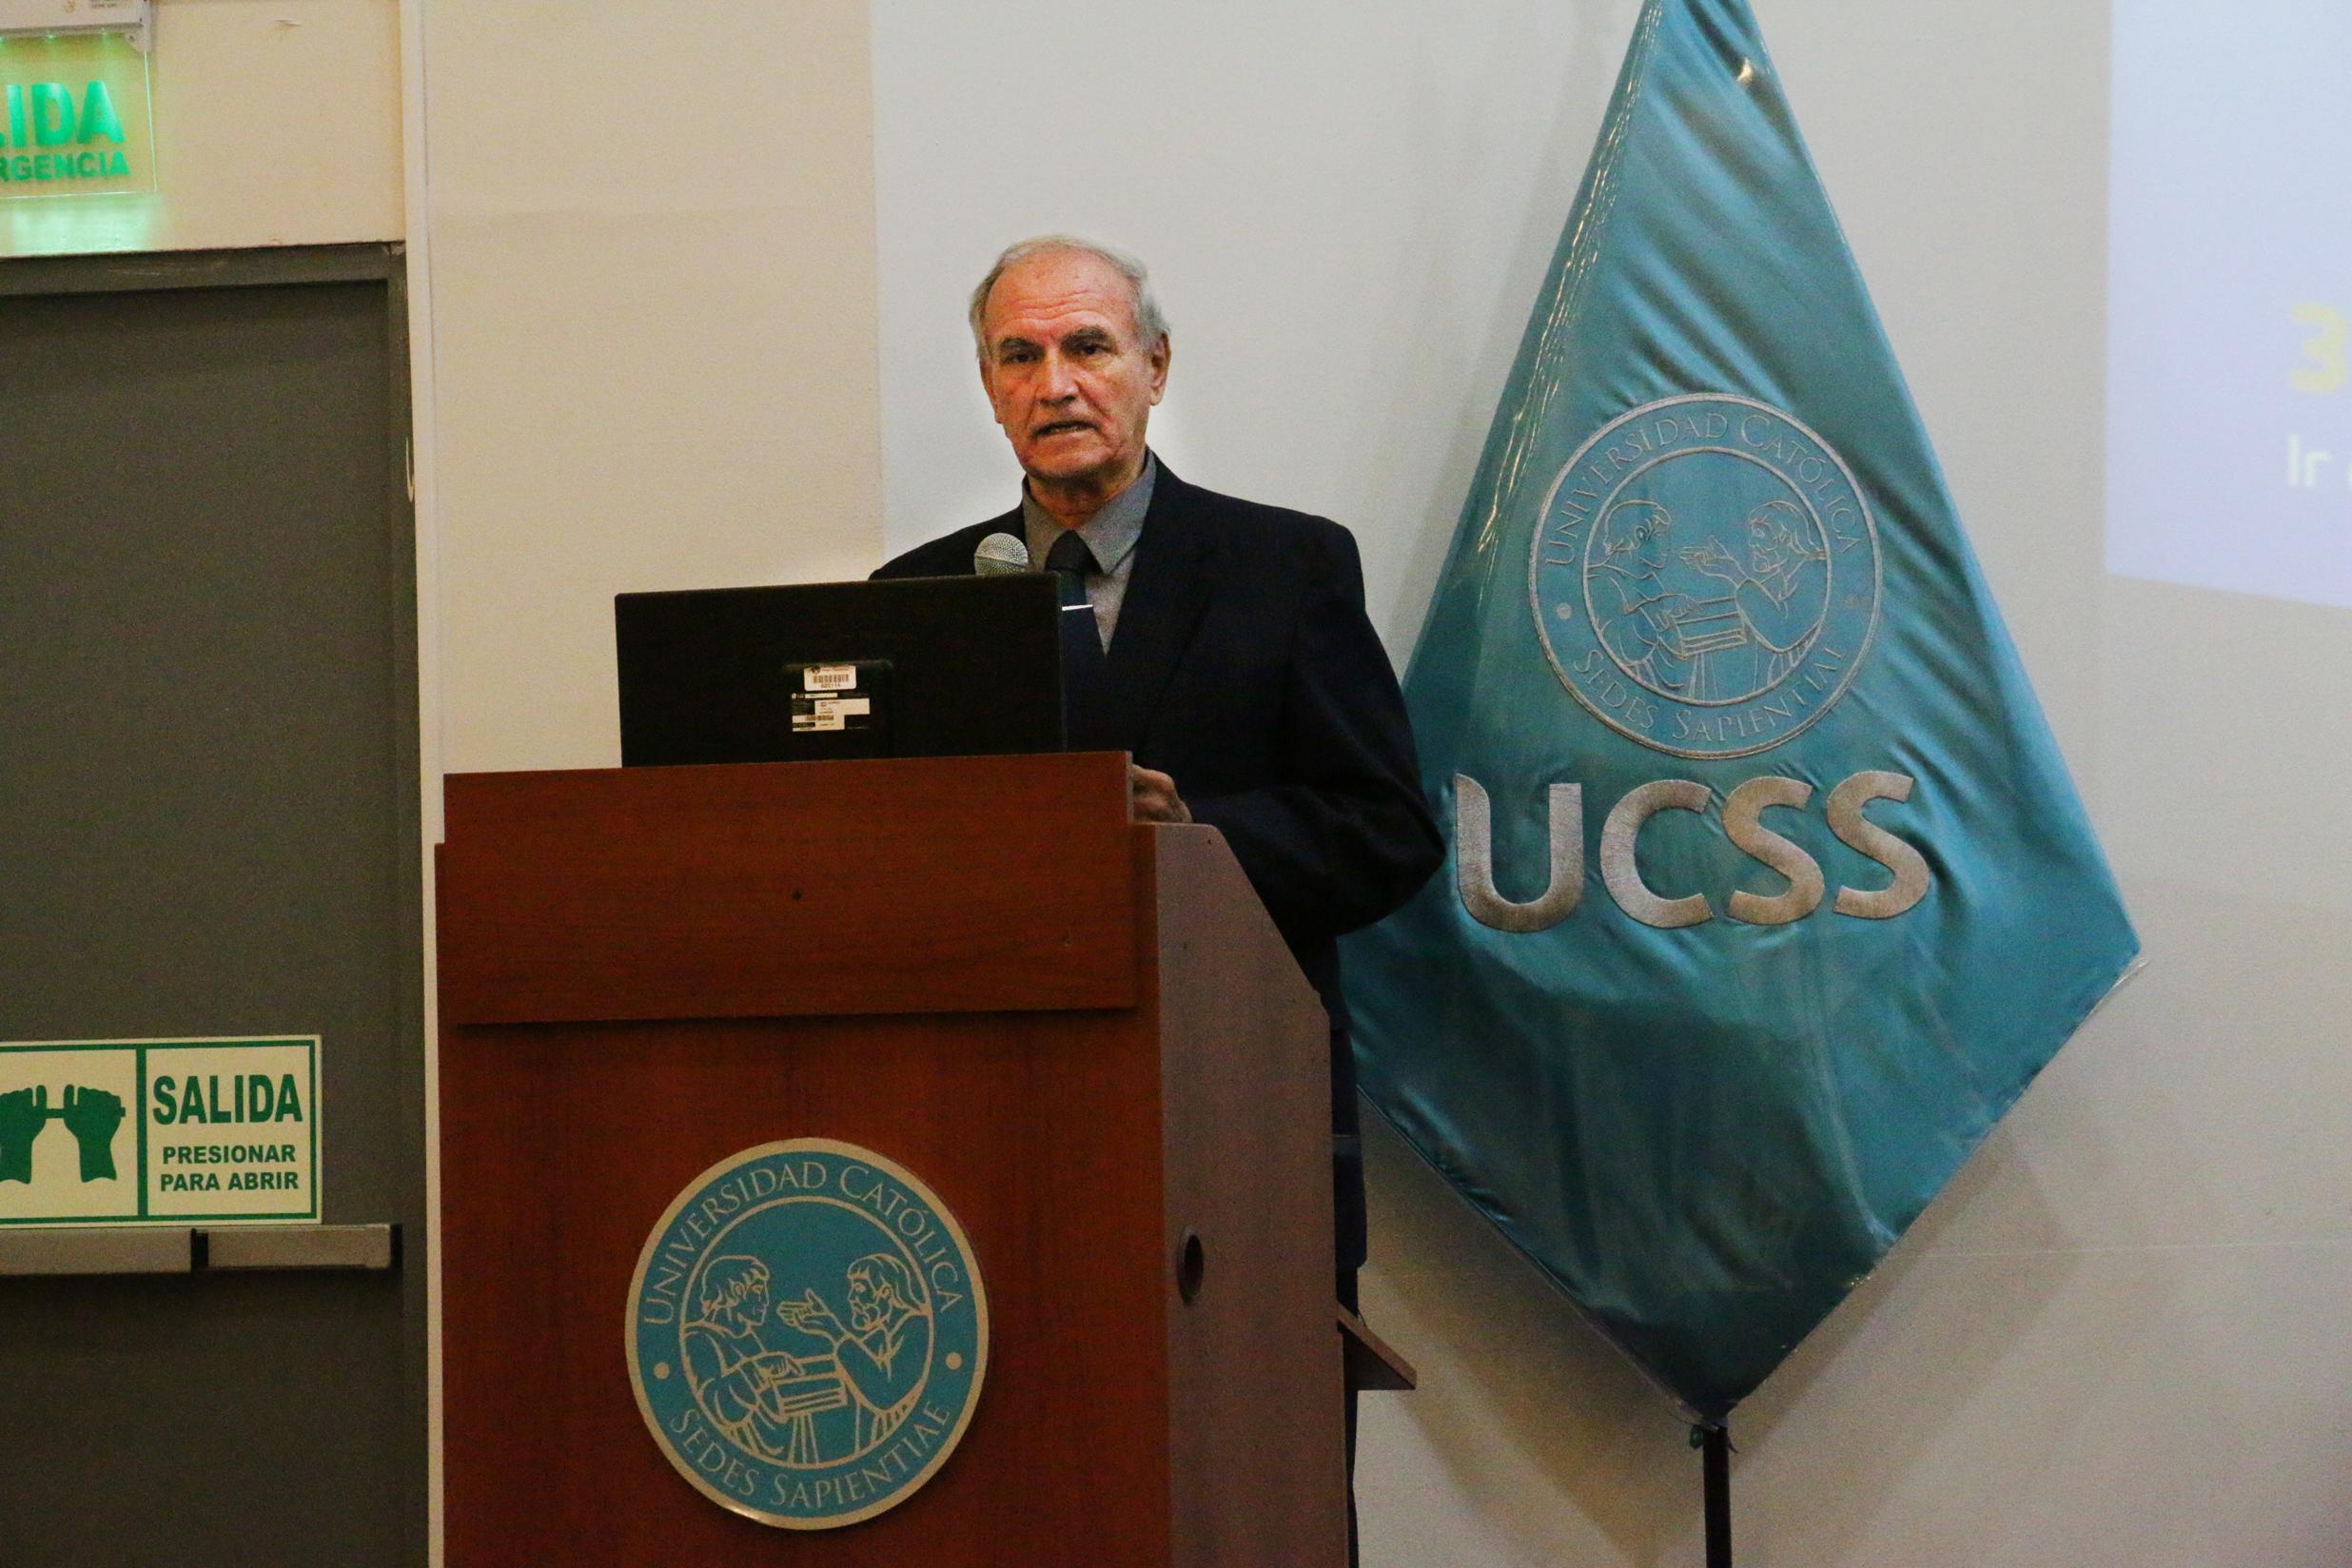 Docente UCSS participa en lanzamiento de incubadora de empresas de la Municipalidad de Lima y abre camino a proyectos de alumnos, docentes y administrativos